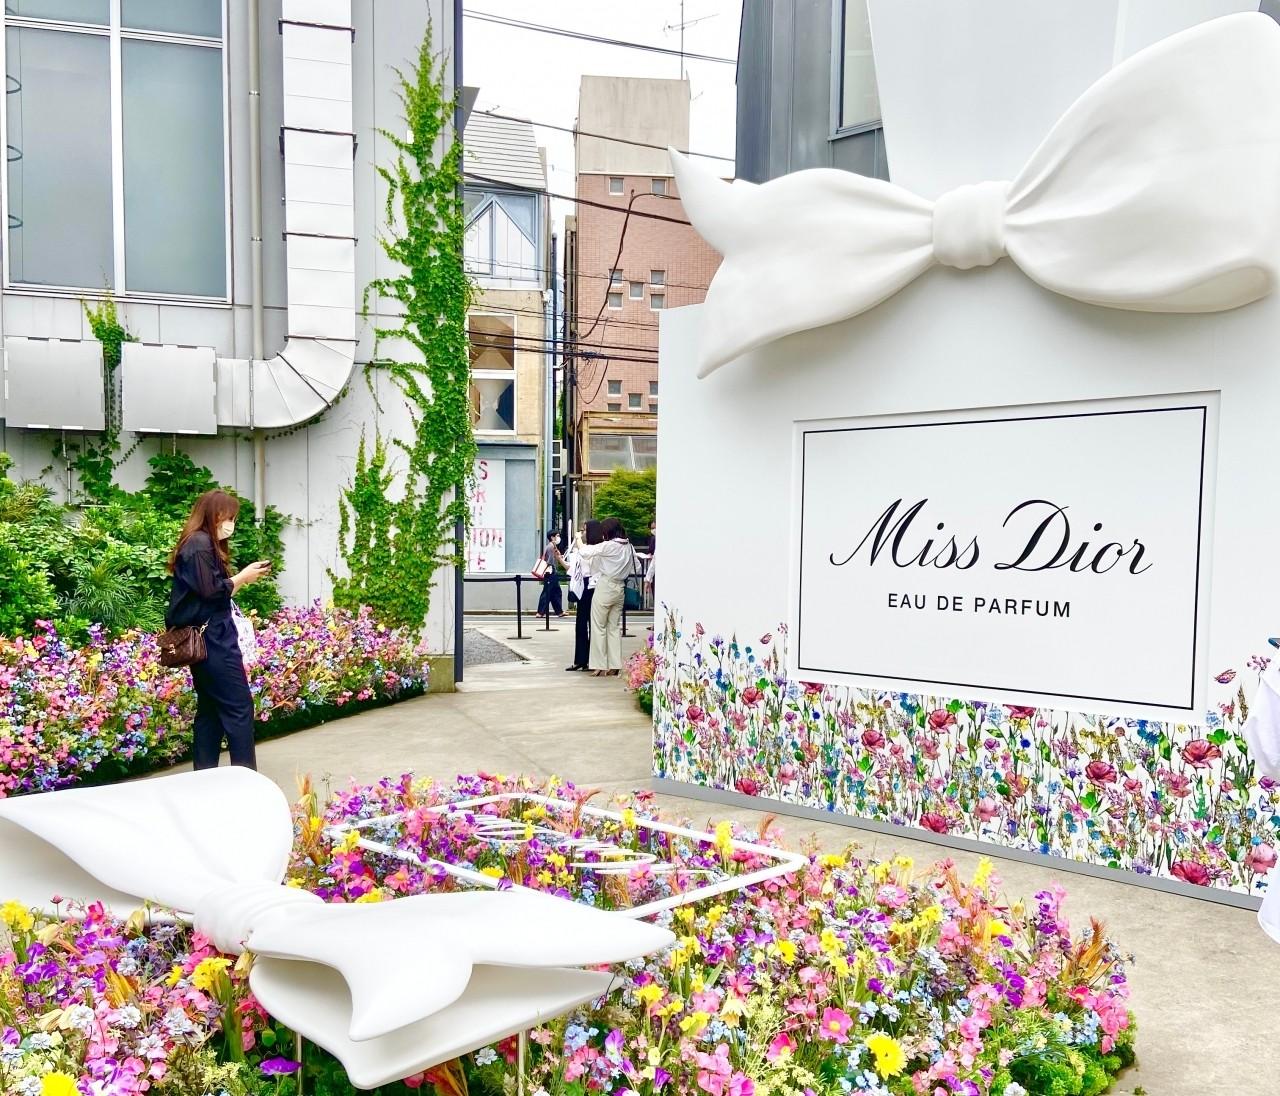 ミスディオール・アートイベント【Miss Dior EXHIBITION】に行ってきました!